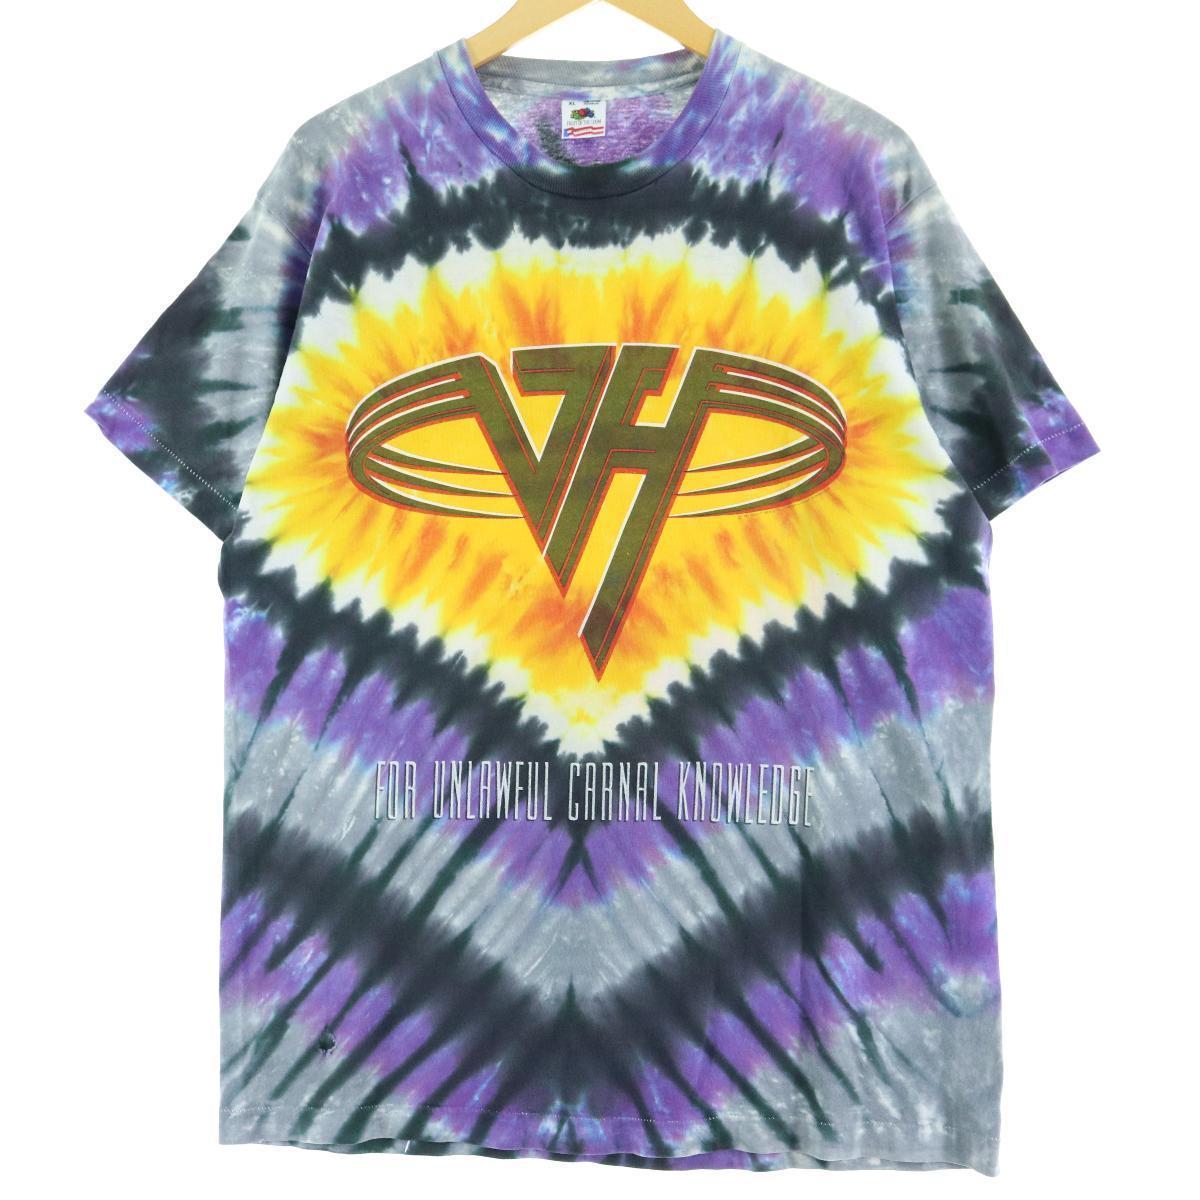 ヴァンヘイレン Tシャツ